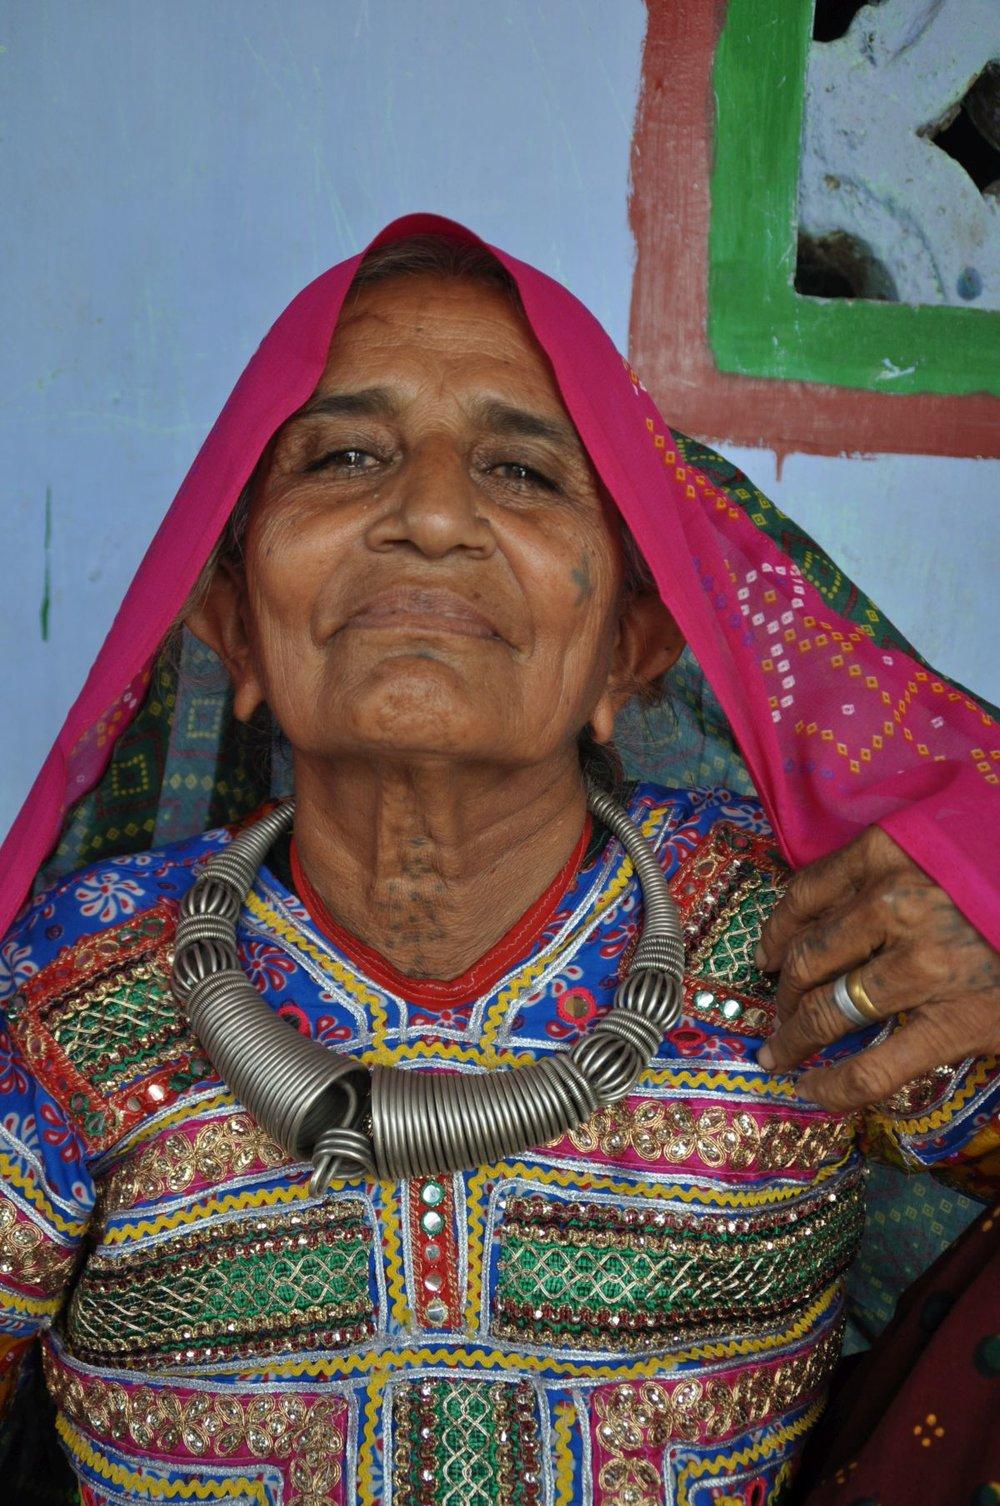 Eine Frau vom Volk der Meghwar. Kachch Gujarat/ Indien...September 2014